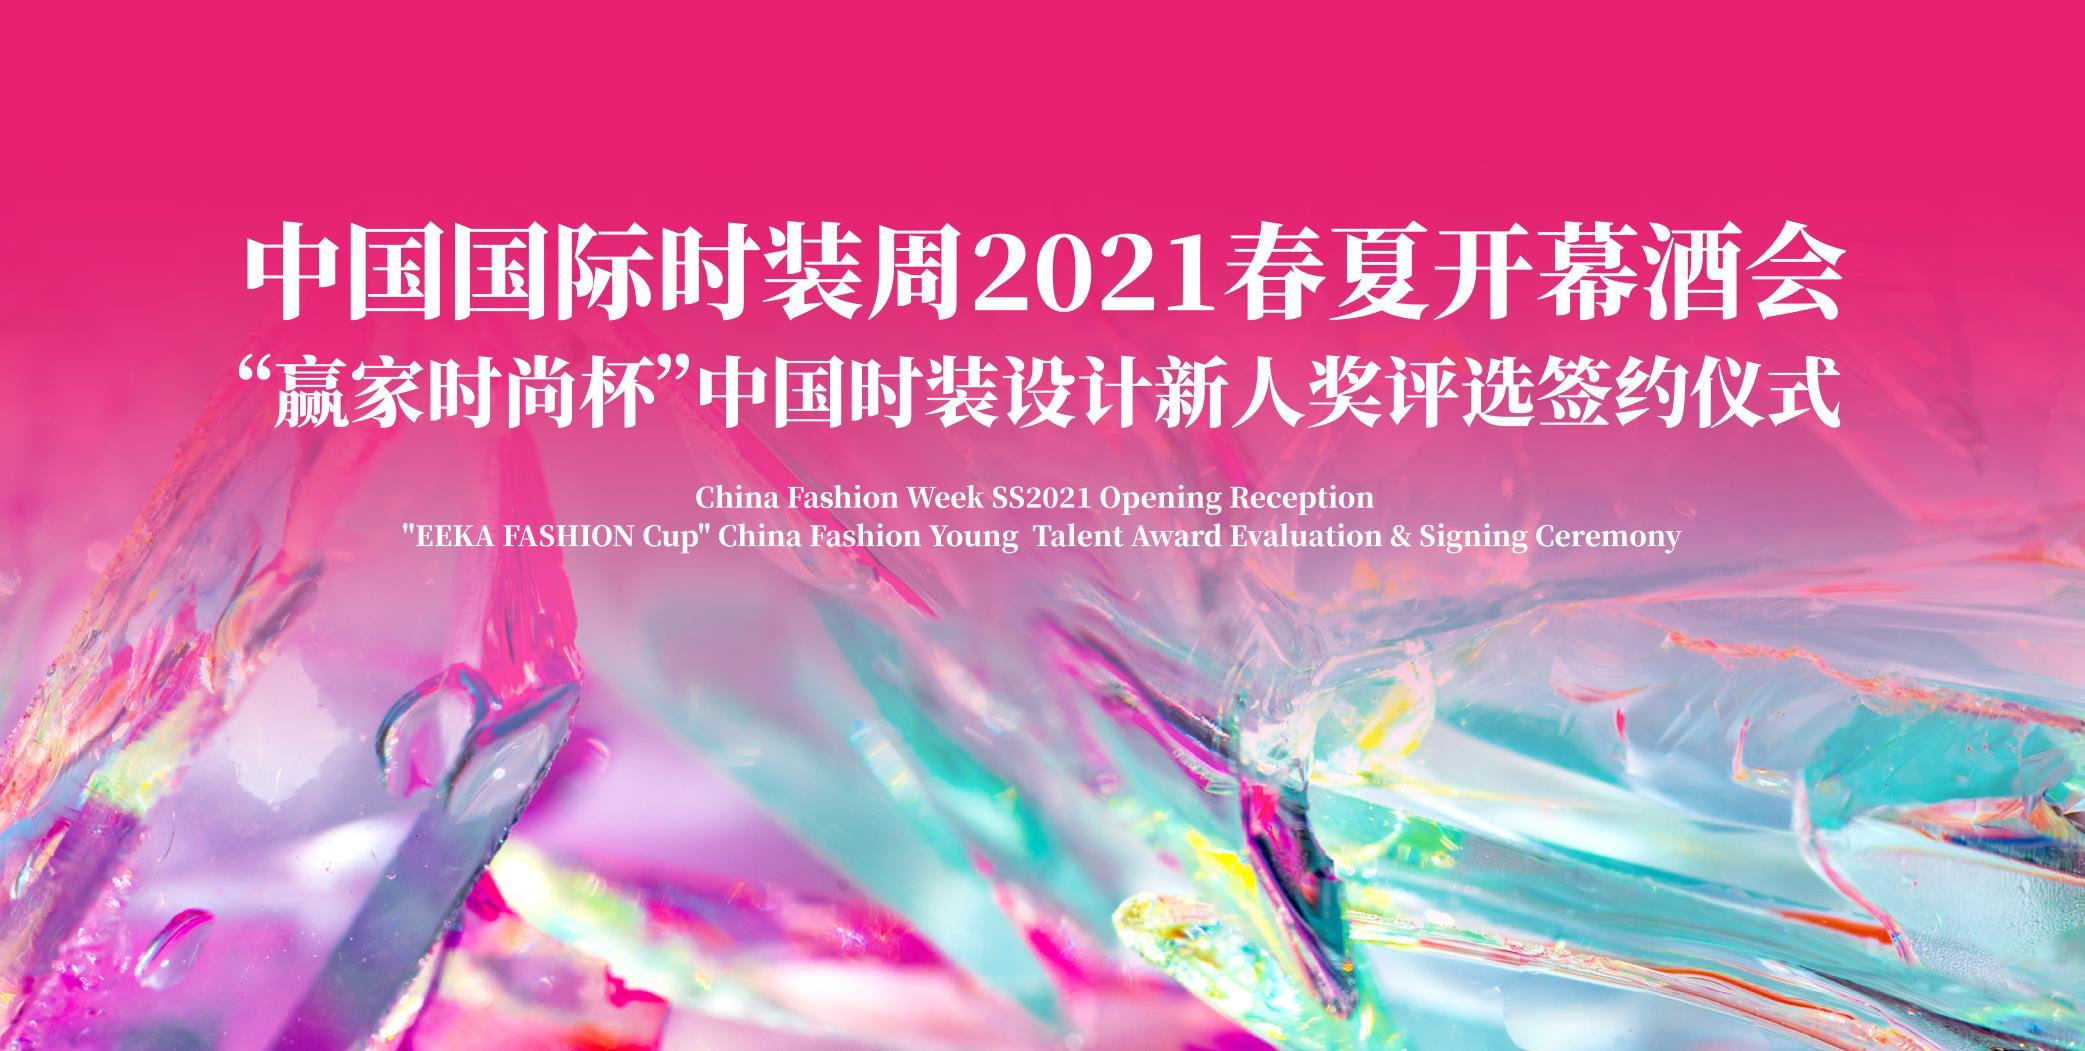 """""""赢家时尚杯""""第26届中国时装设计新人奖评选启动仪式"""